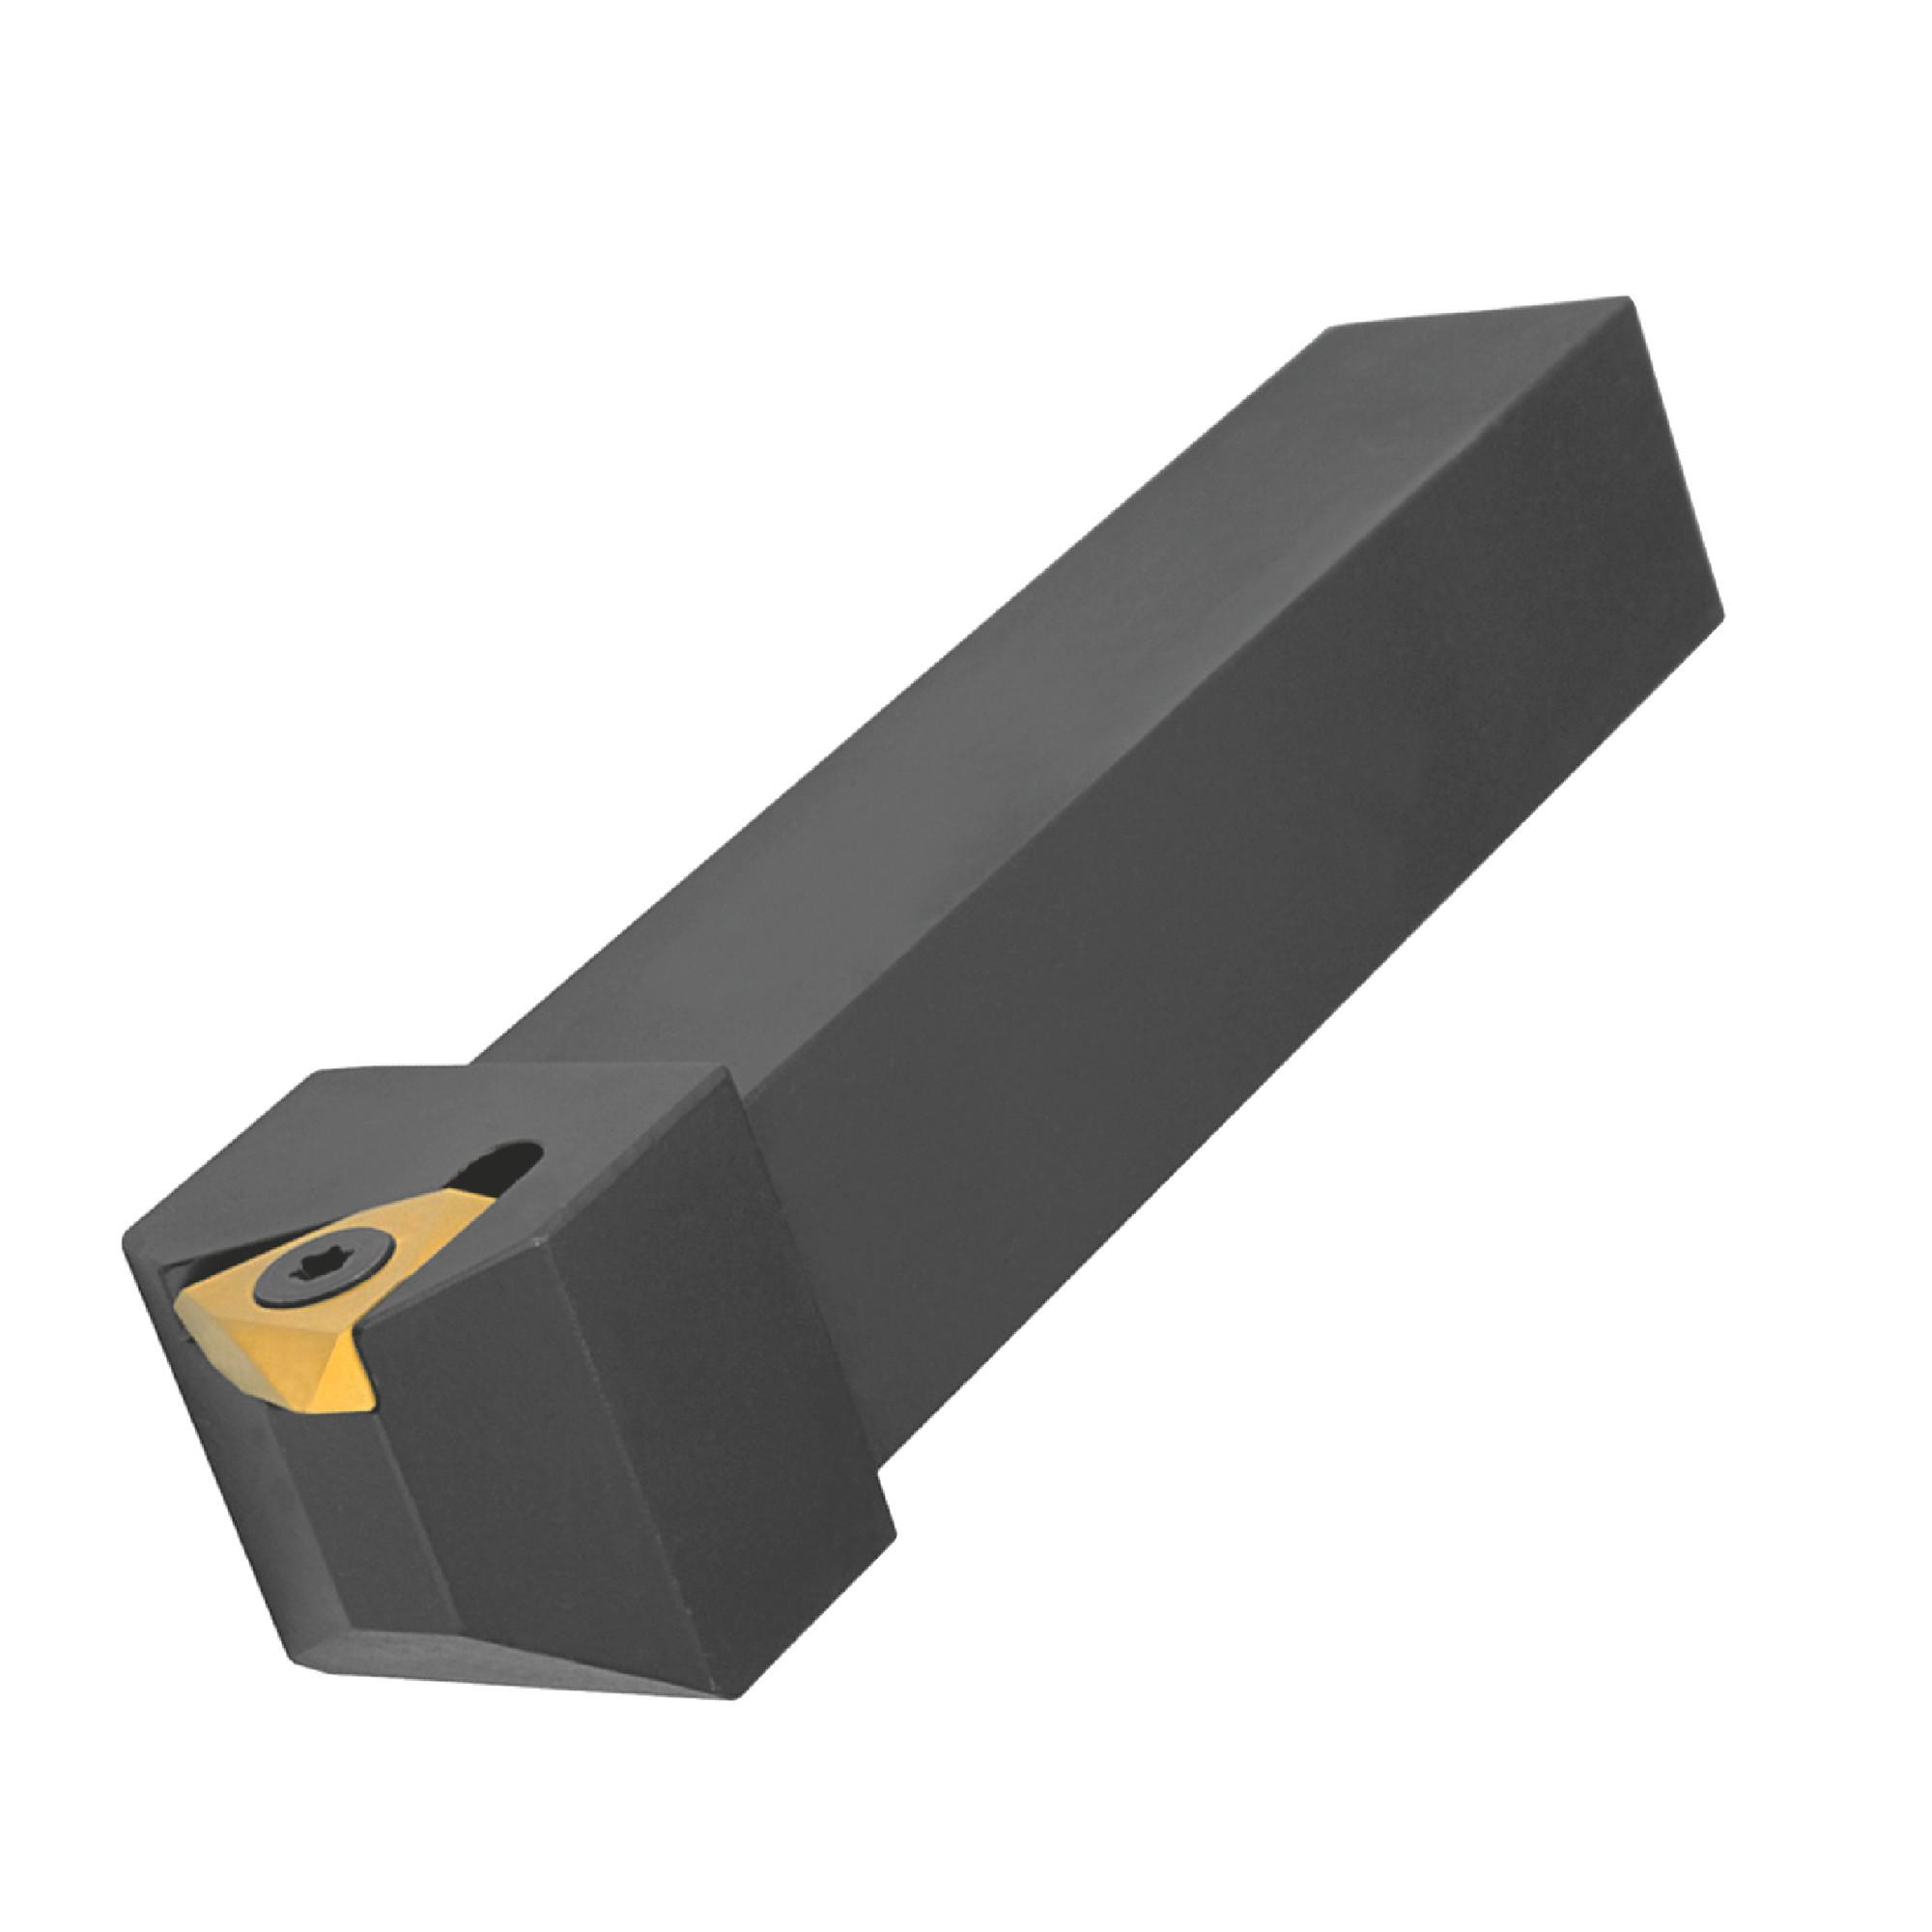 """DORIAN - STVOL10-3B / 0.750"""" Shank External Holder for TPMC32 Insert / Left Hand"""